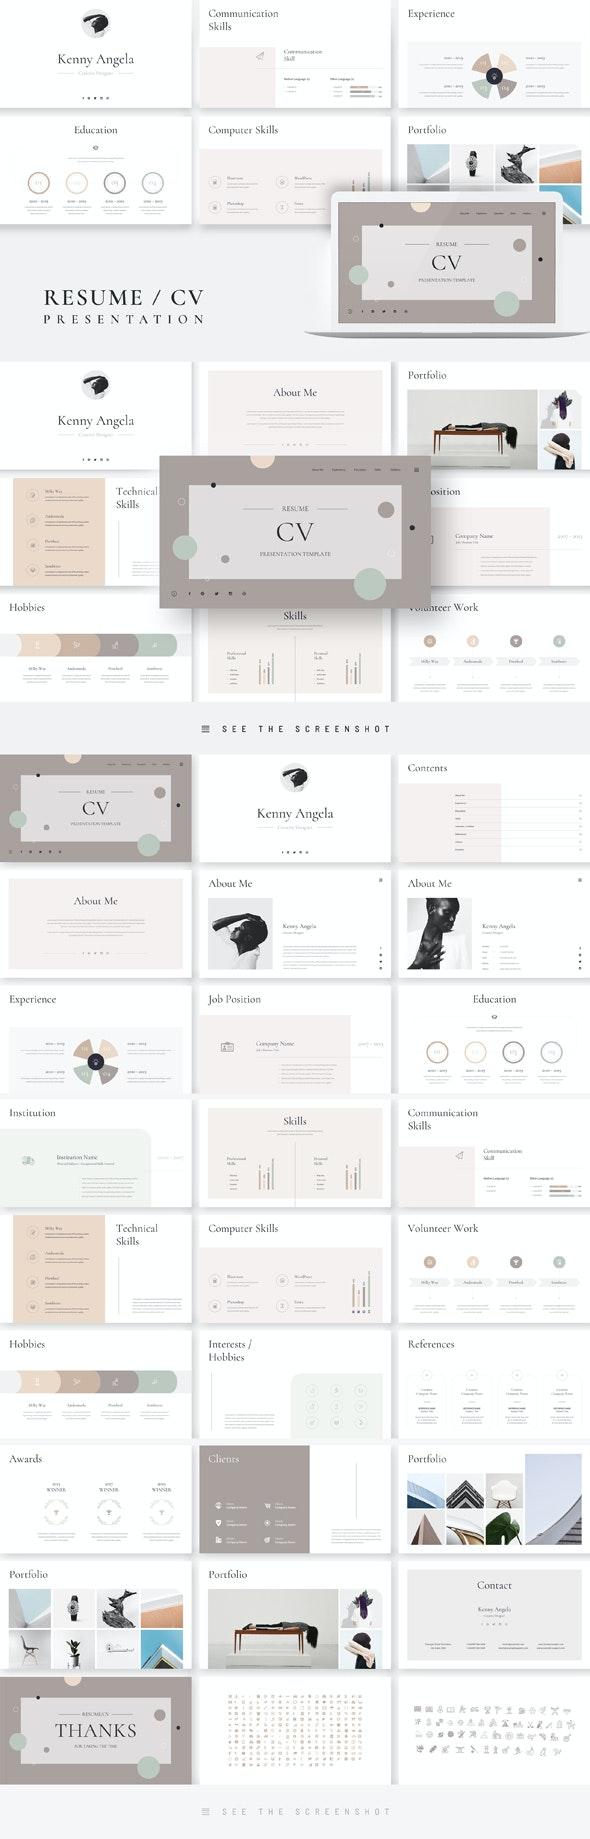 Resume CV Google Slides Presentation Template - Google Slides Presentation Templates